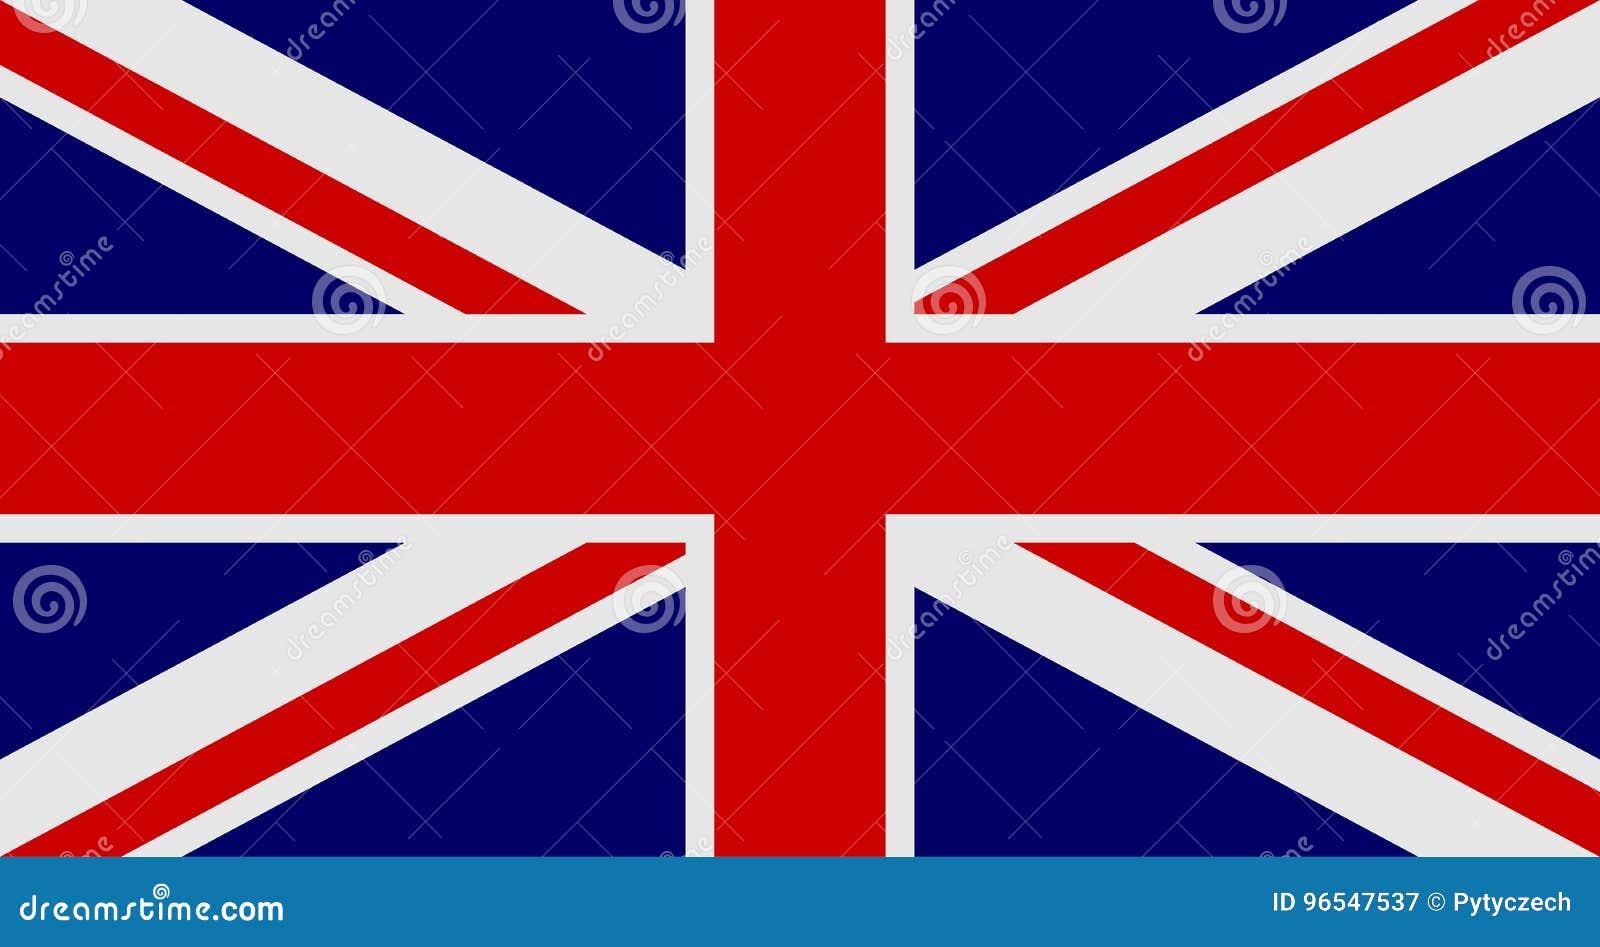 Bandeira de Reino Unido da Grã Bretanha e da Irlanda do Norte Bandeira BRITÂNICA aka Union Jack Ilustração do vetor